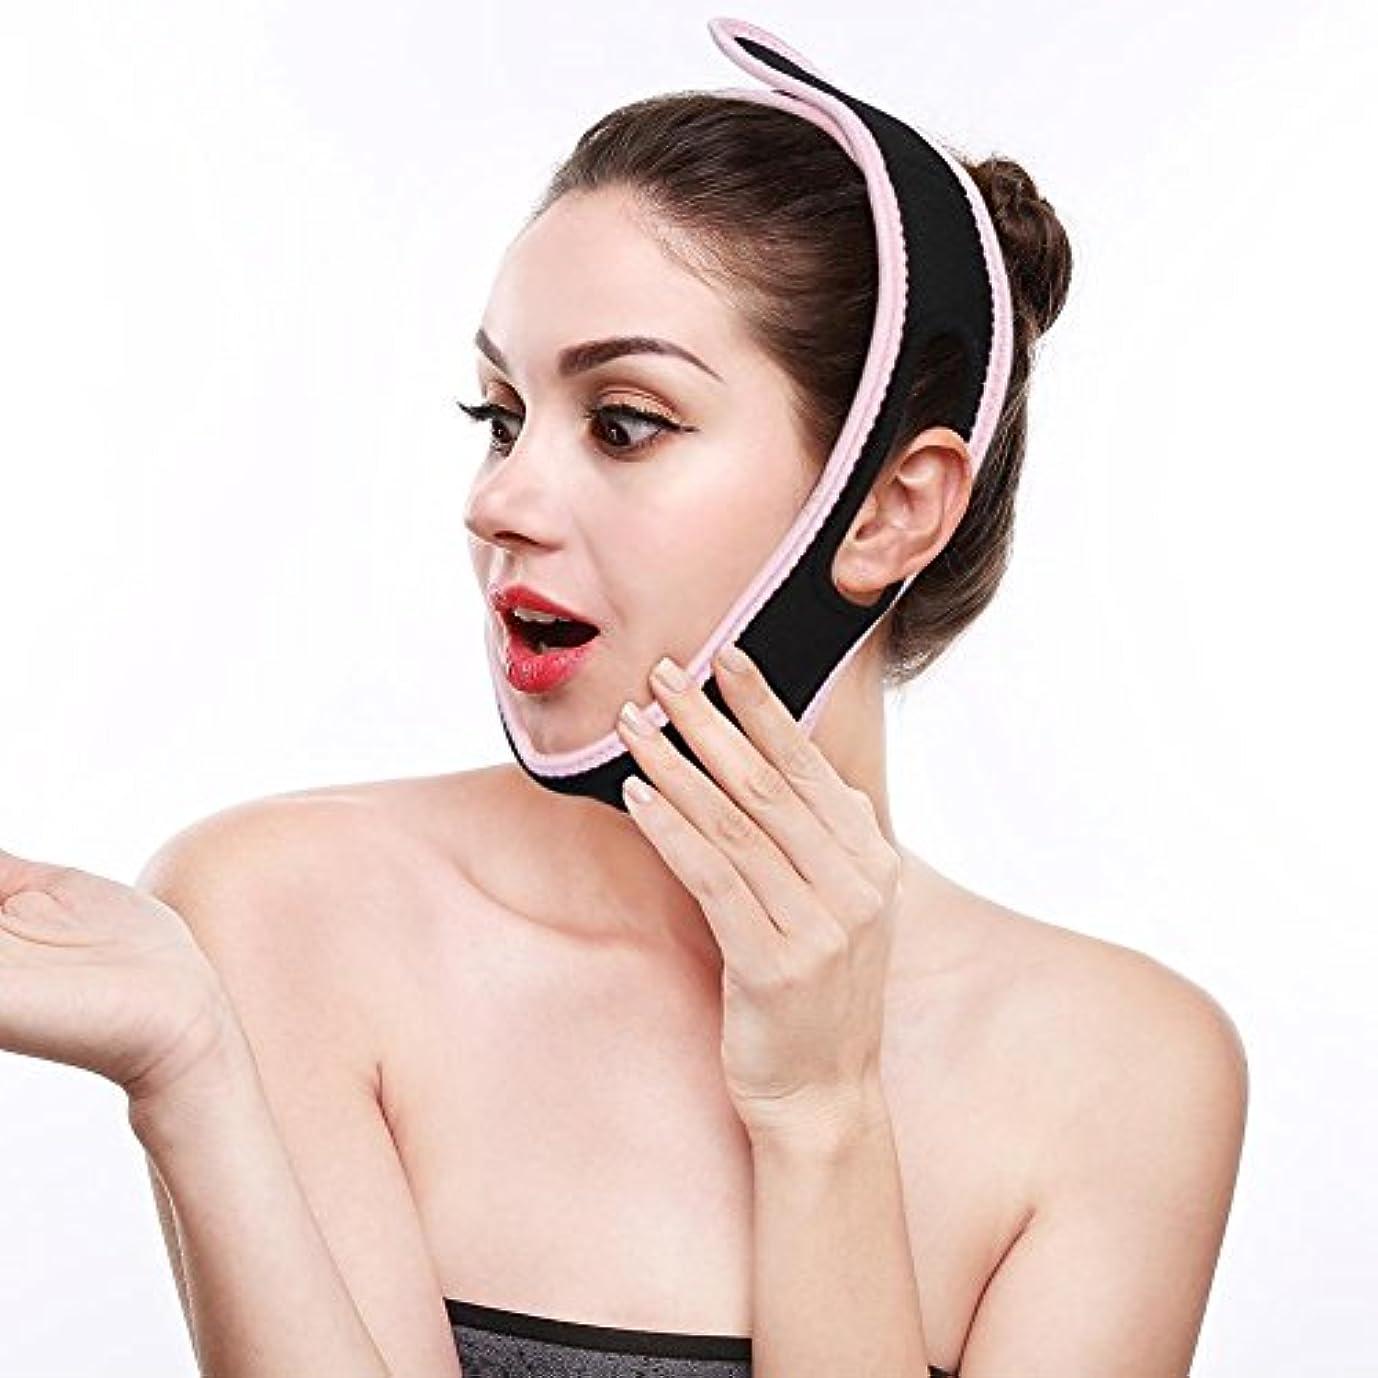 ひいきにするいつも診断するフェイススリミング包帯、顎リフト フェイススリミング包帯 Vフェイス バンデージ フェイスリフトマスク